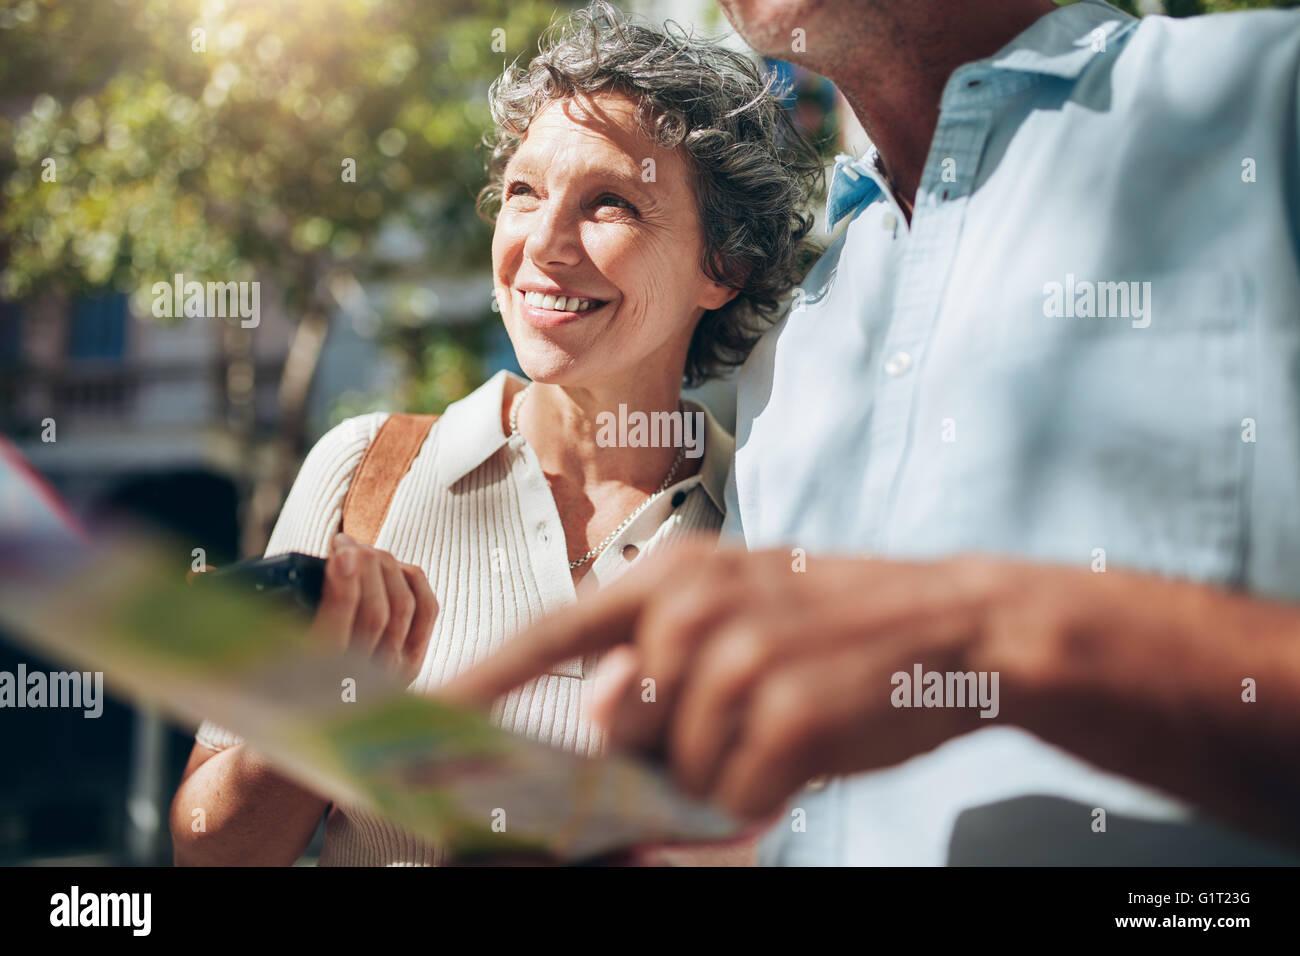 Ältere Frau mit einem Mann hält einen Stadtplan. Glücklich und fröhlich, in den Ruhestand genießen. Stockbild